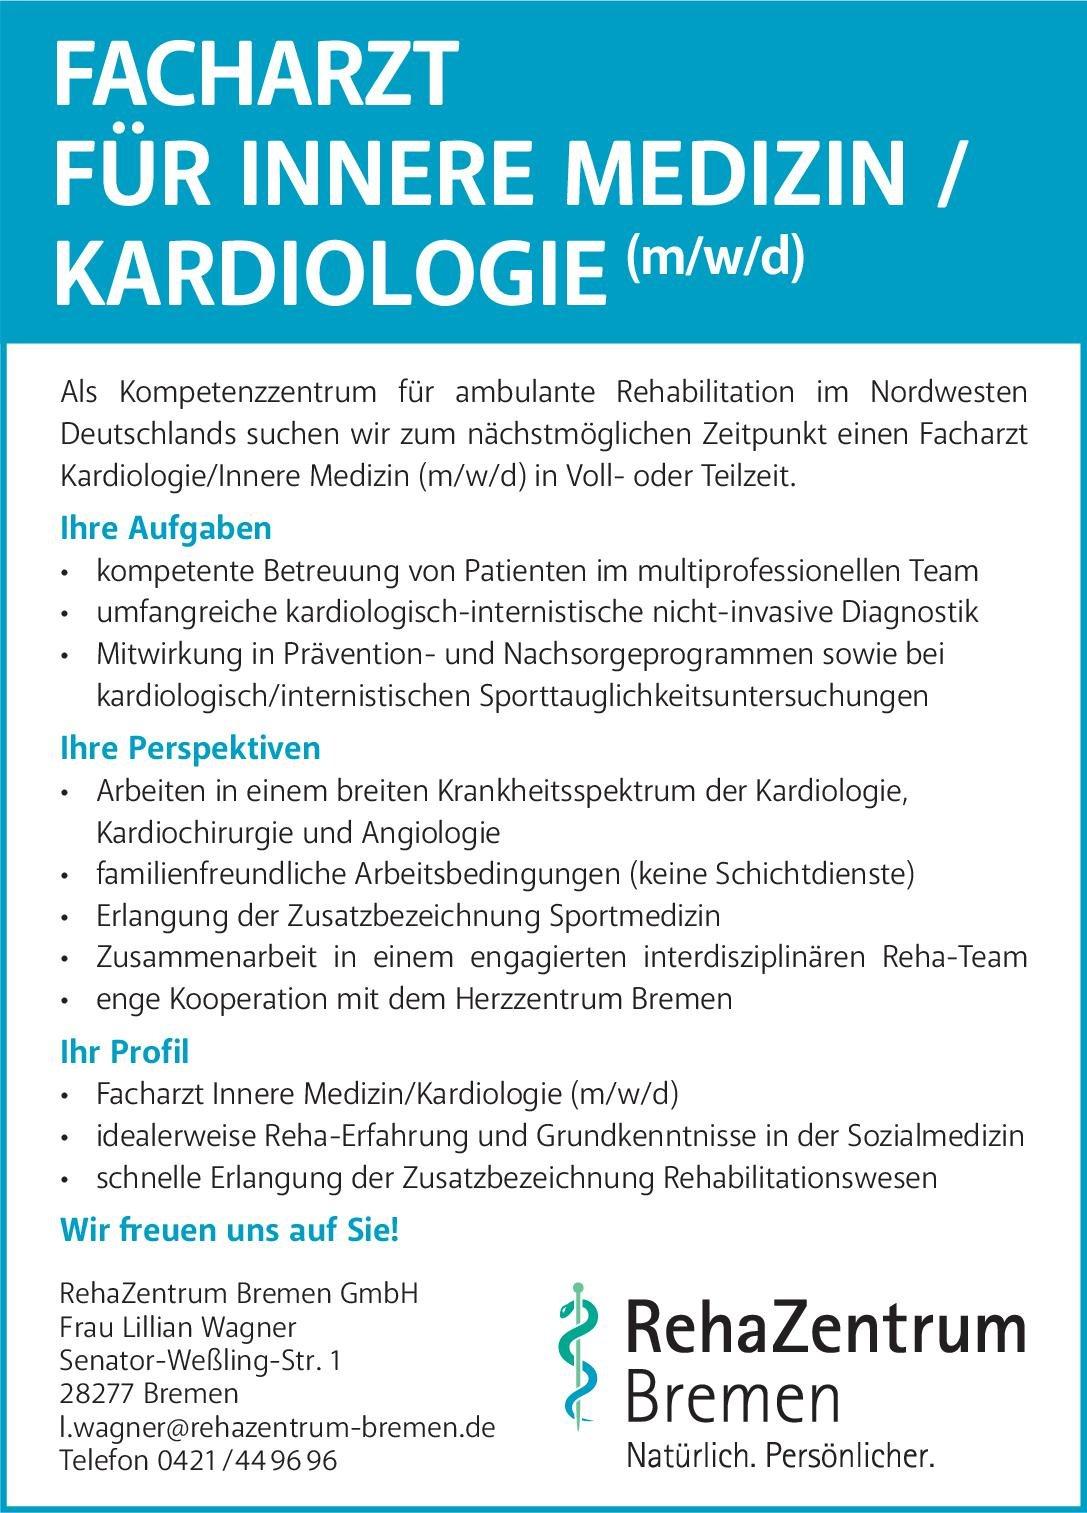 RehaZentrum Bremen GmbH Facharzt für Innere Medizin/Kardiologie (m/w/d)  Innere Medizin und Kardiologie Arzt / Facharzt